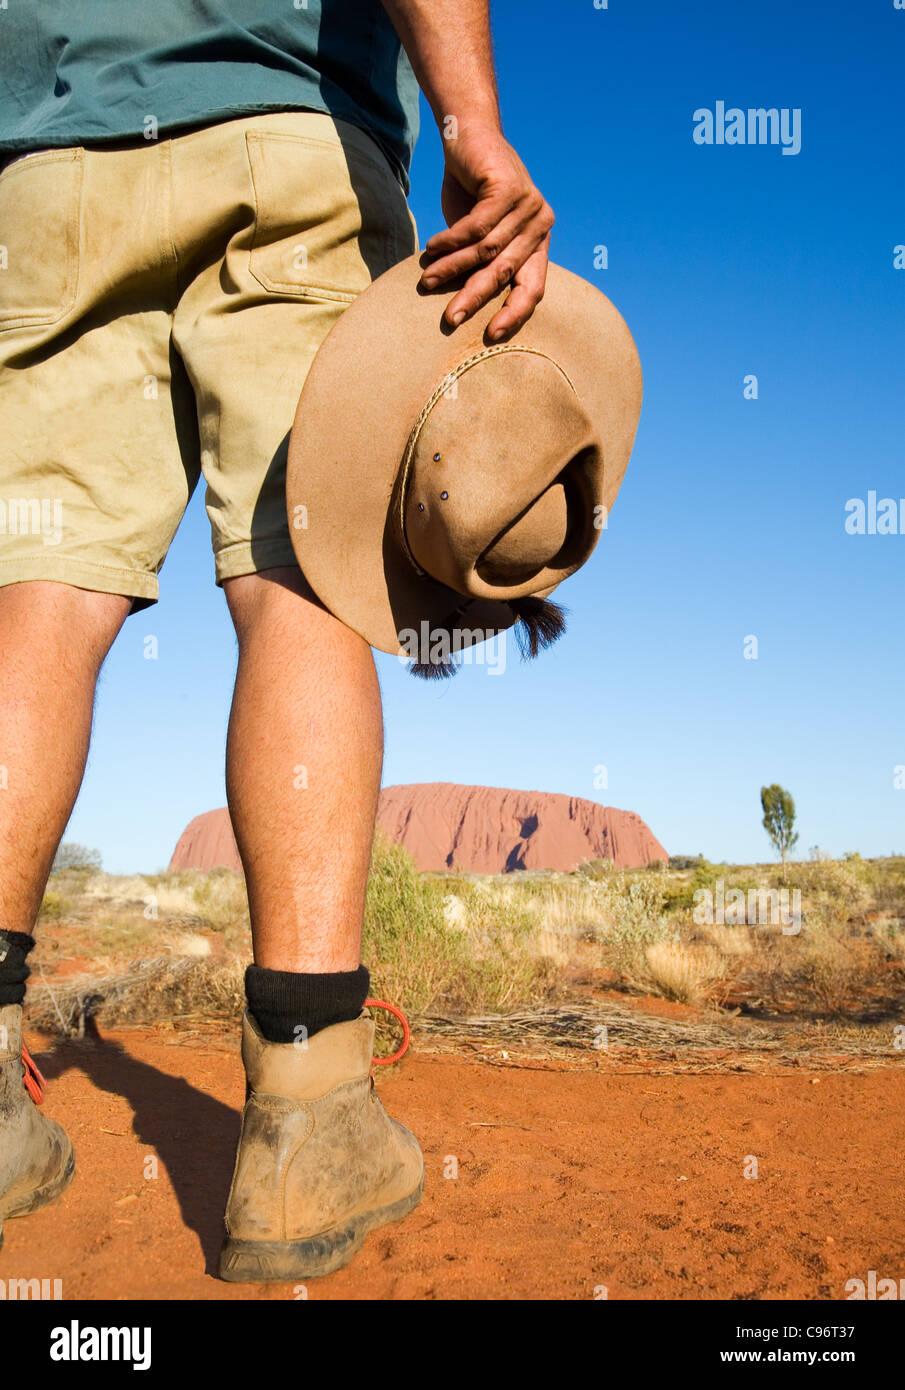 Guida Outback con la Uluru (Ayers Rock) in background. Uluru-Kata Tjuta National Park, il Territorio del Nord, l'Australia Immagini Stock